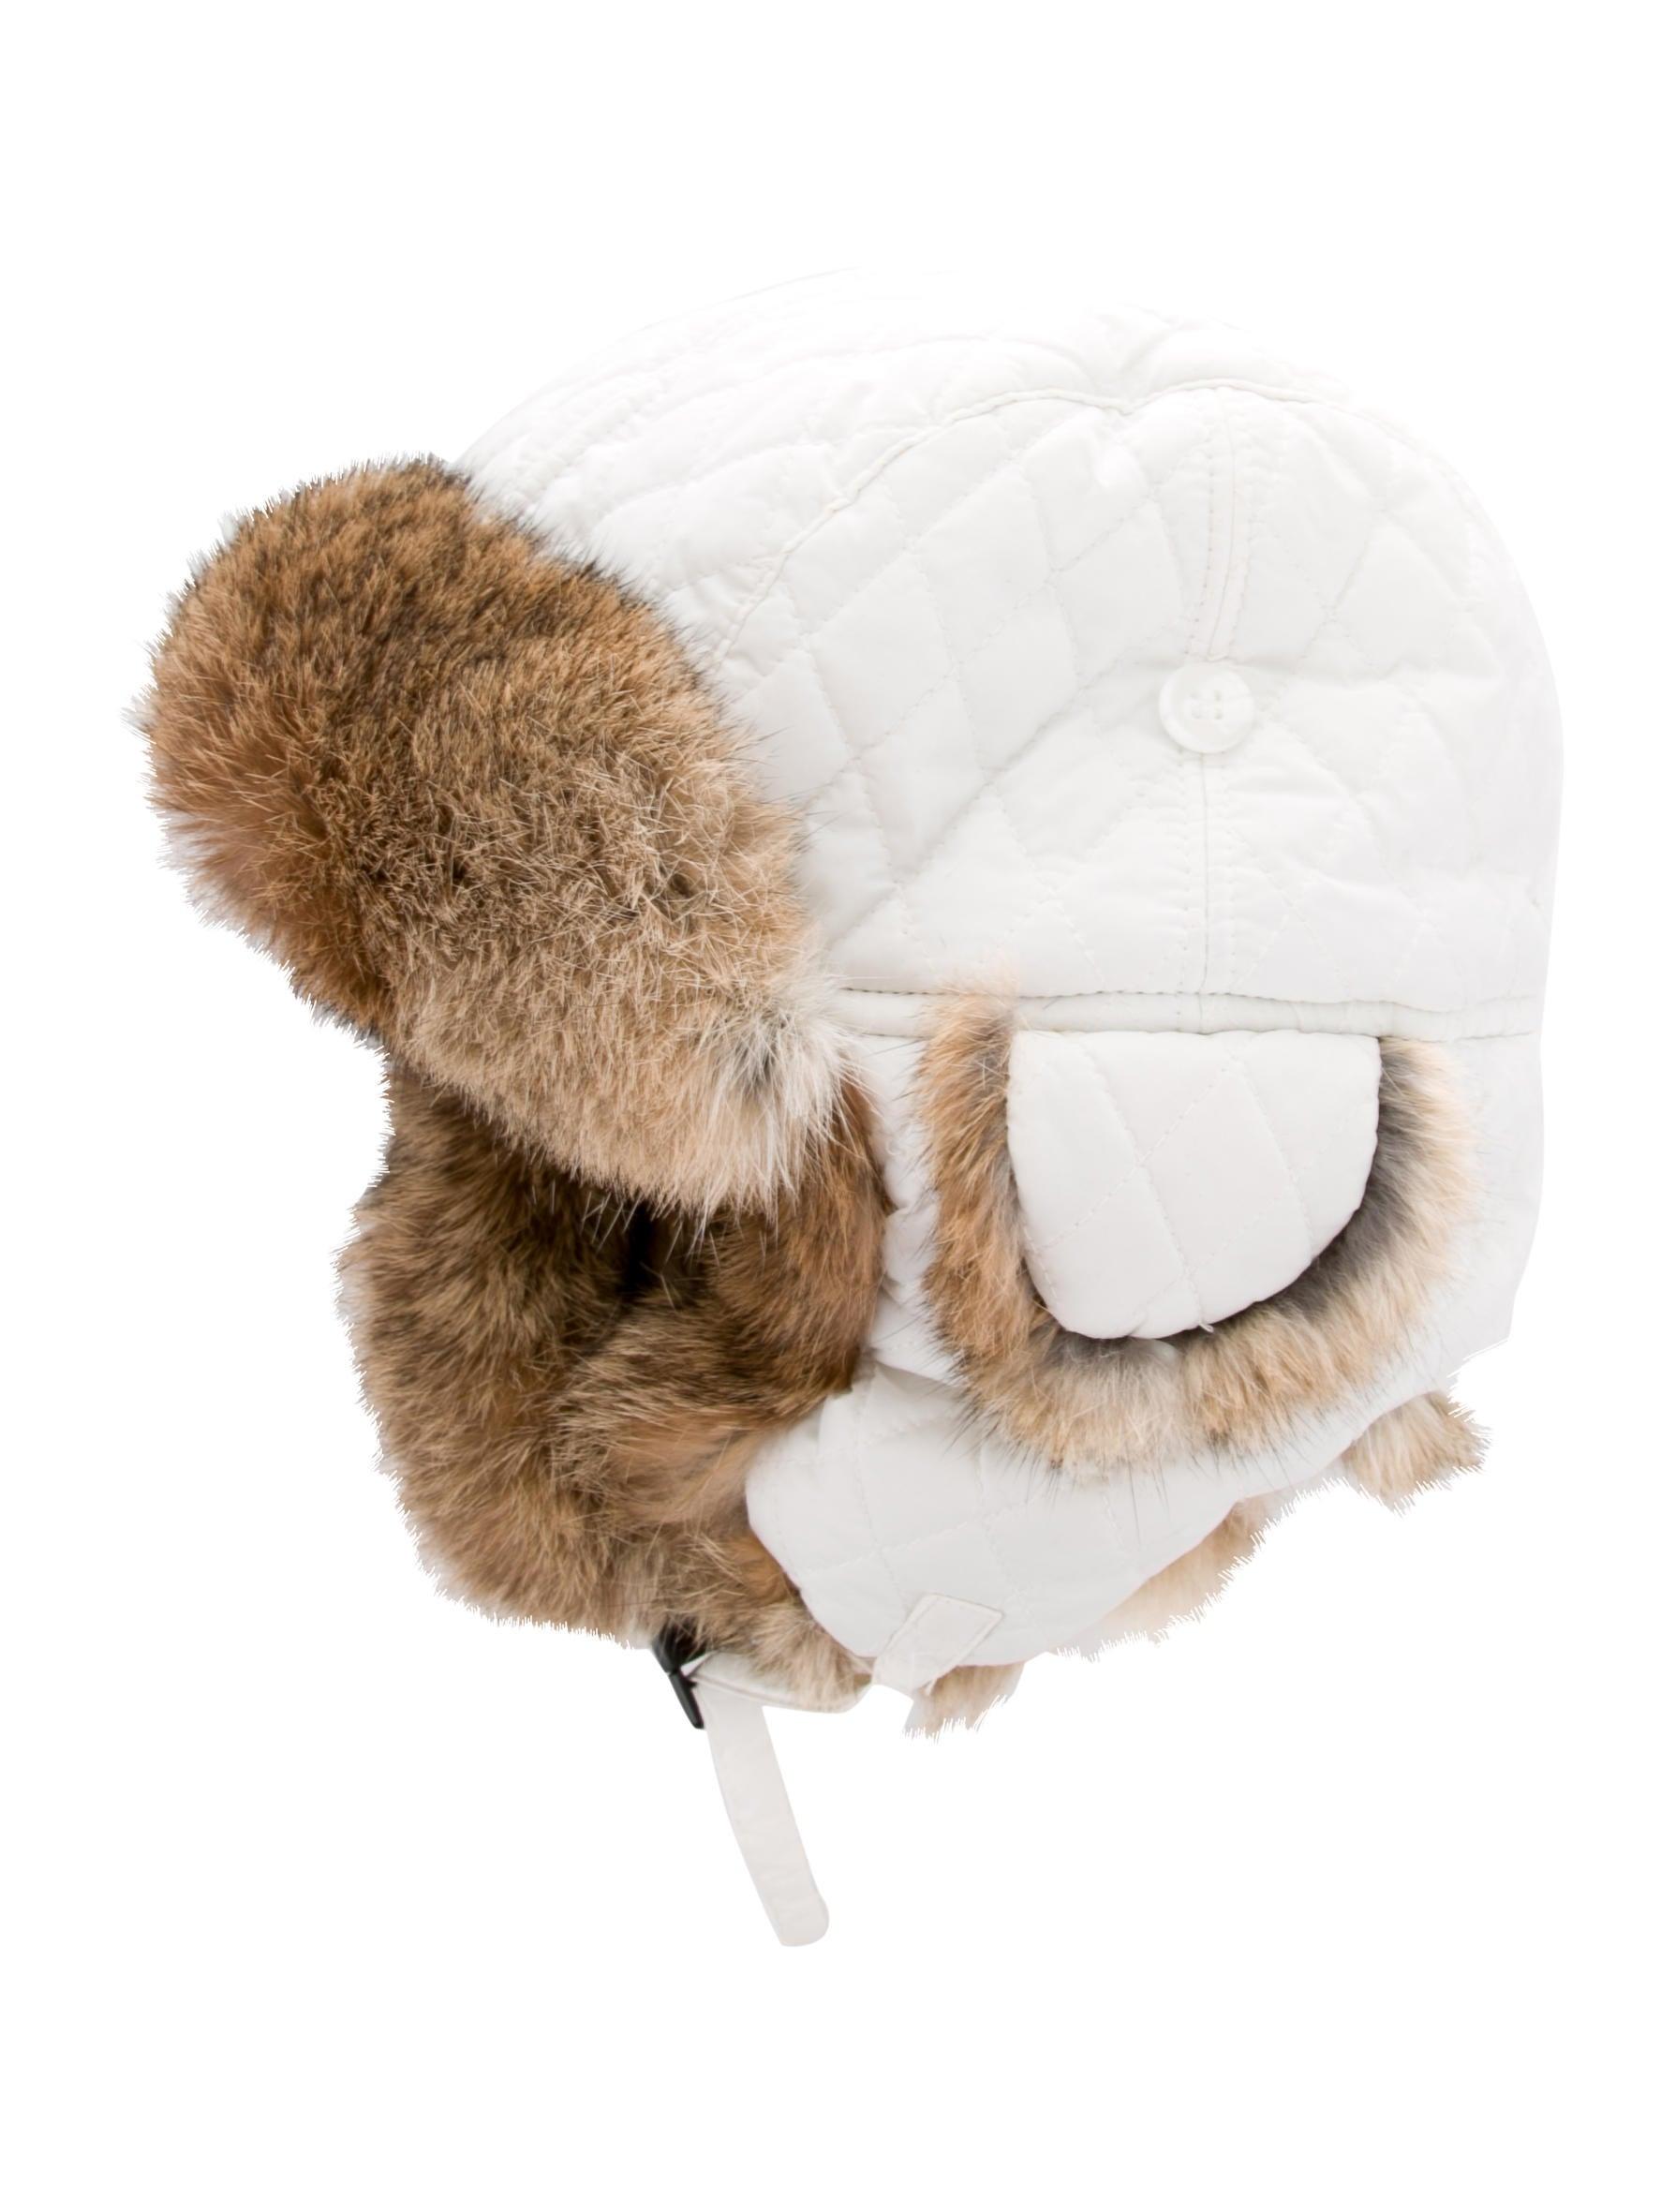 13752fa9a3bc0 Surell Fur-Trimmed Trapper Hat - Accessories - WSURE20021